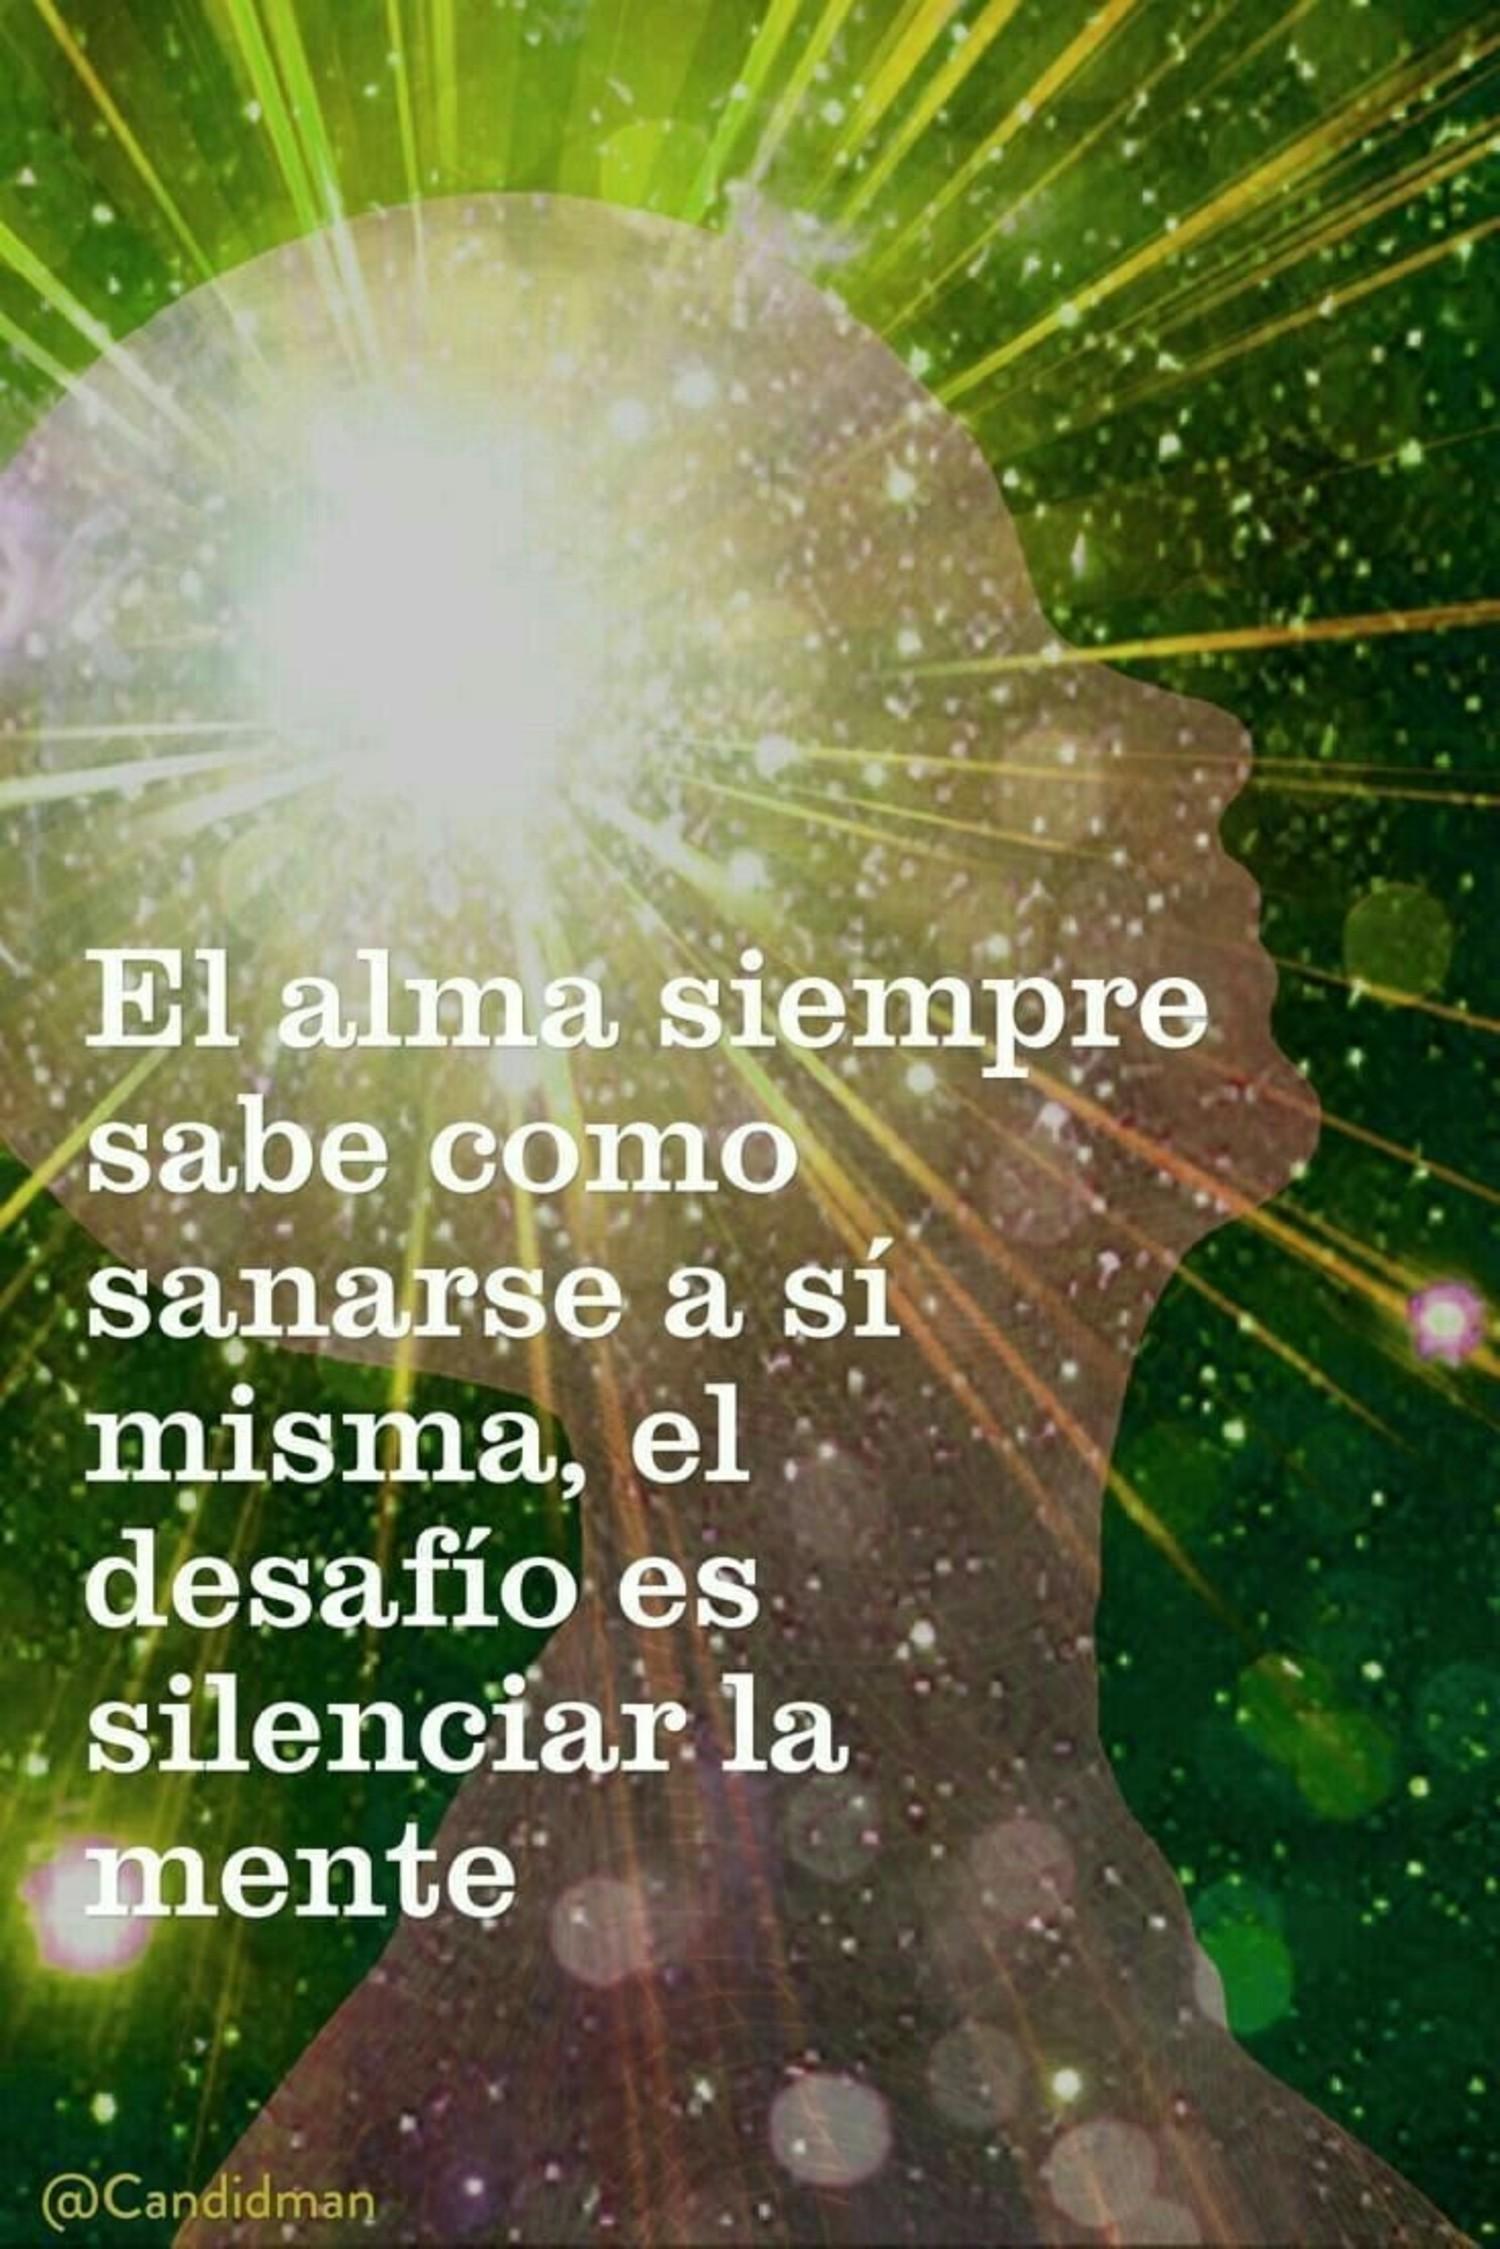 El alma siempre sabe como sanarse a si misma, el desafio es silenciar la mente